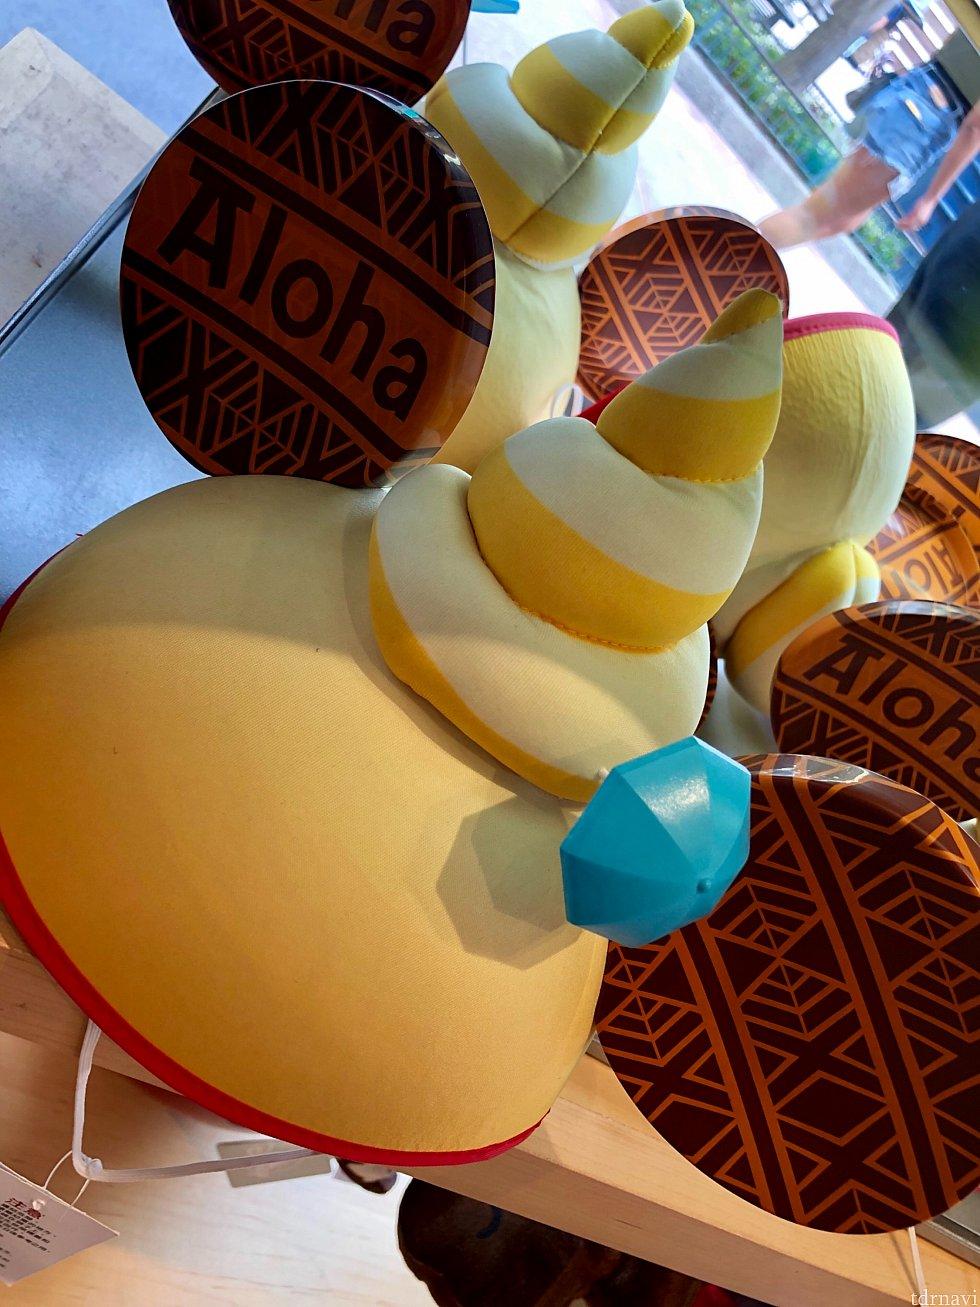 ちょっと罰ゲームっぽいミッキーハット。大きく中心に乗っかっているのはあくまでもドールホイップです。(笑)